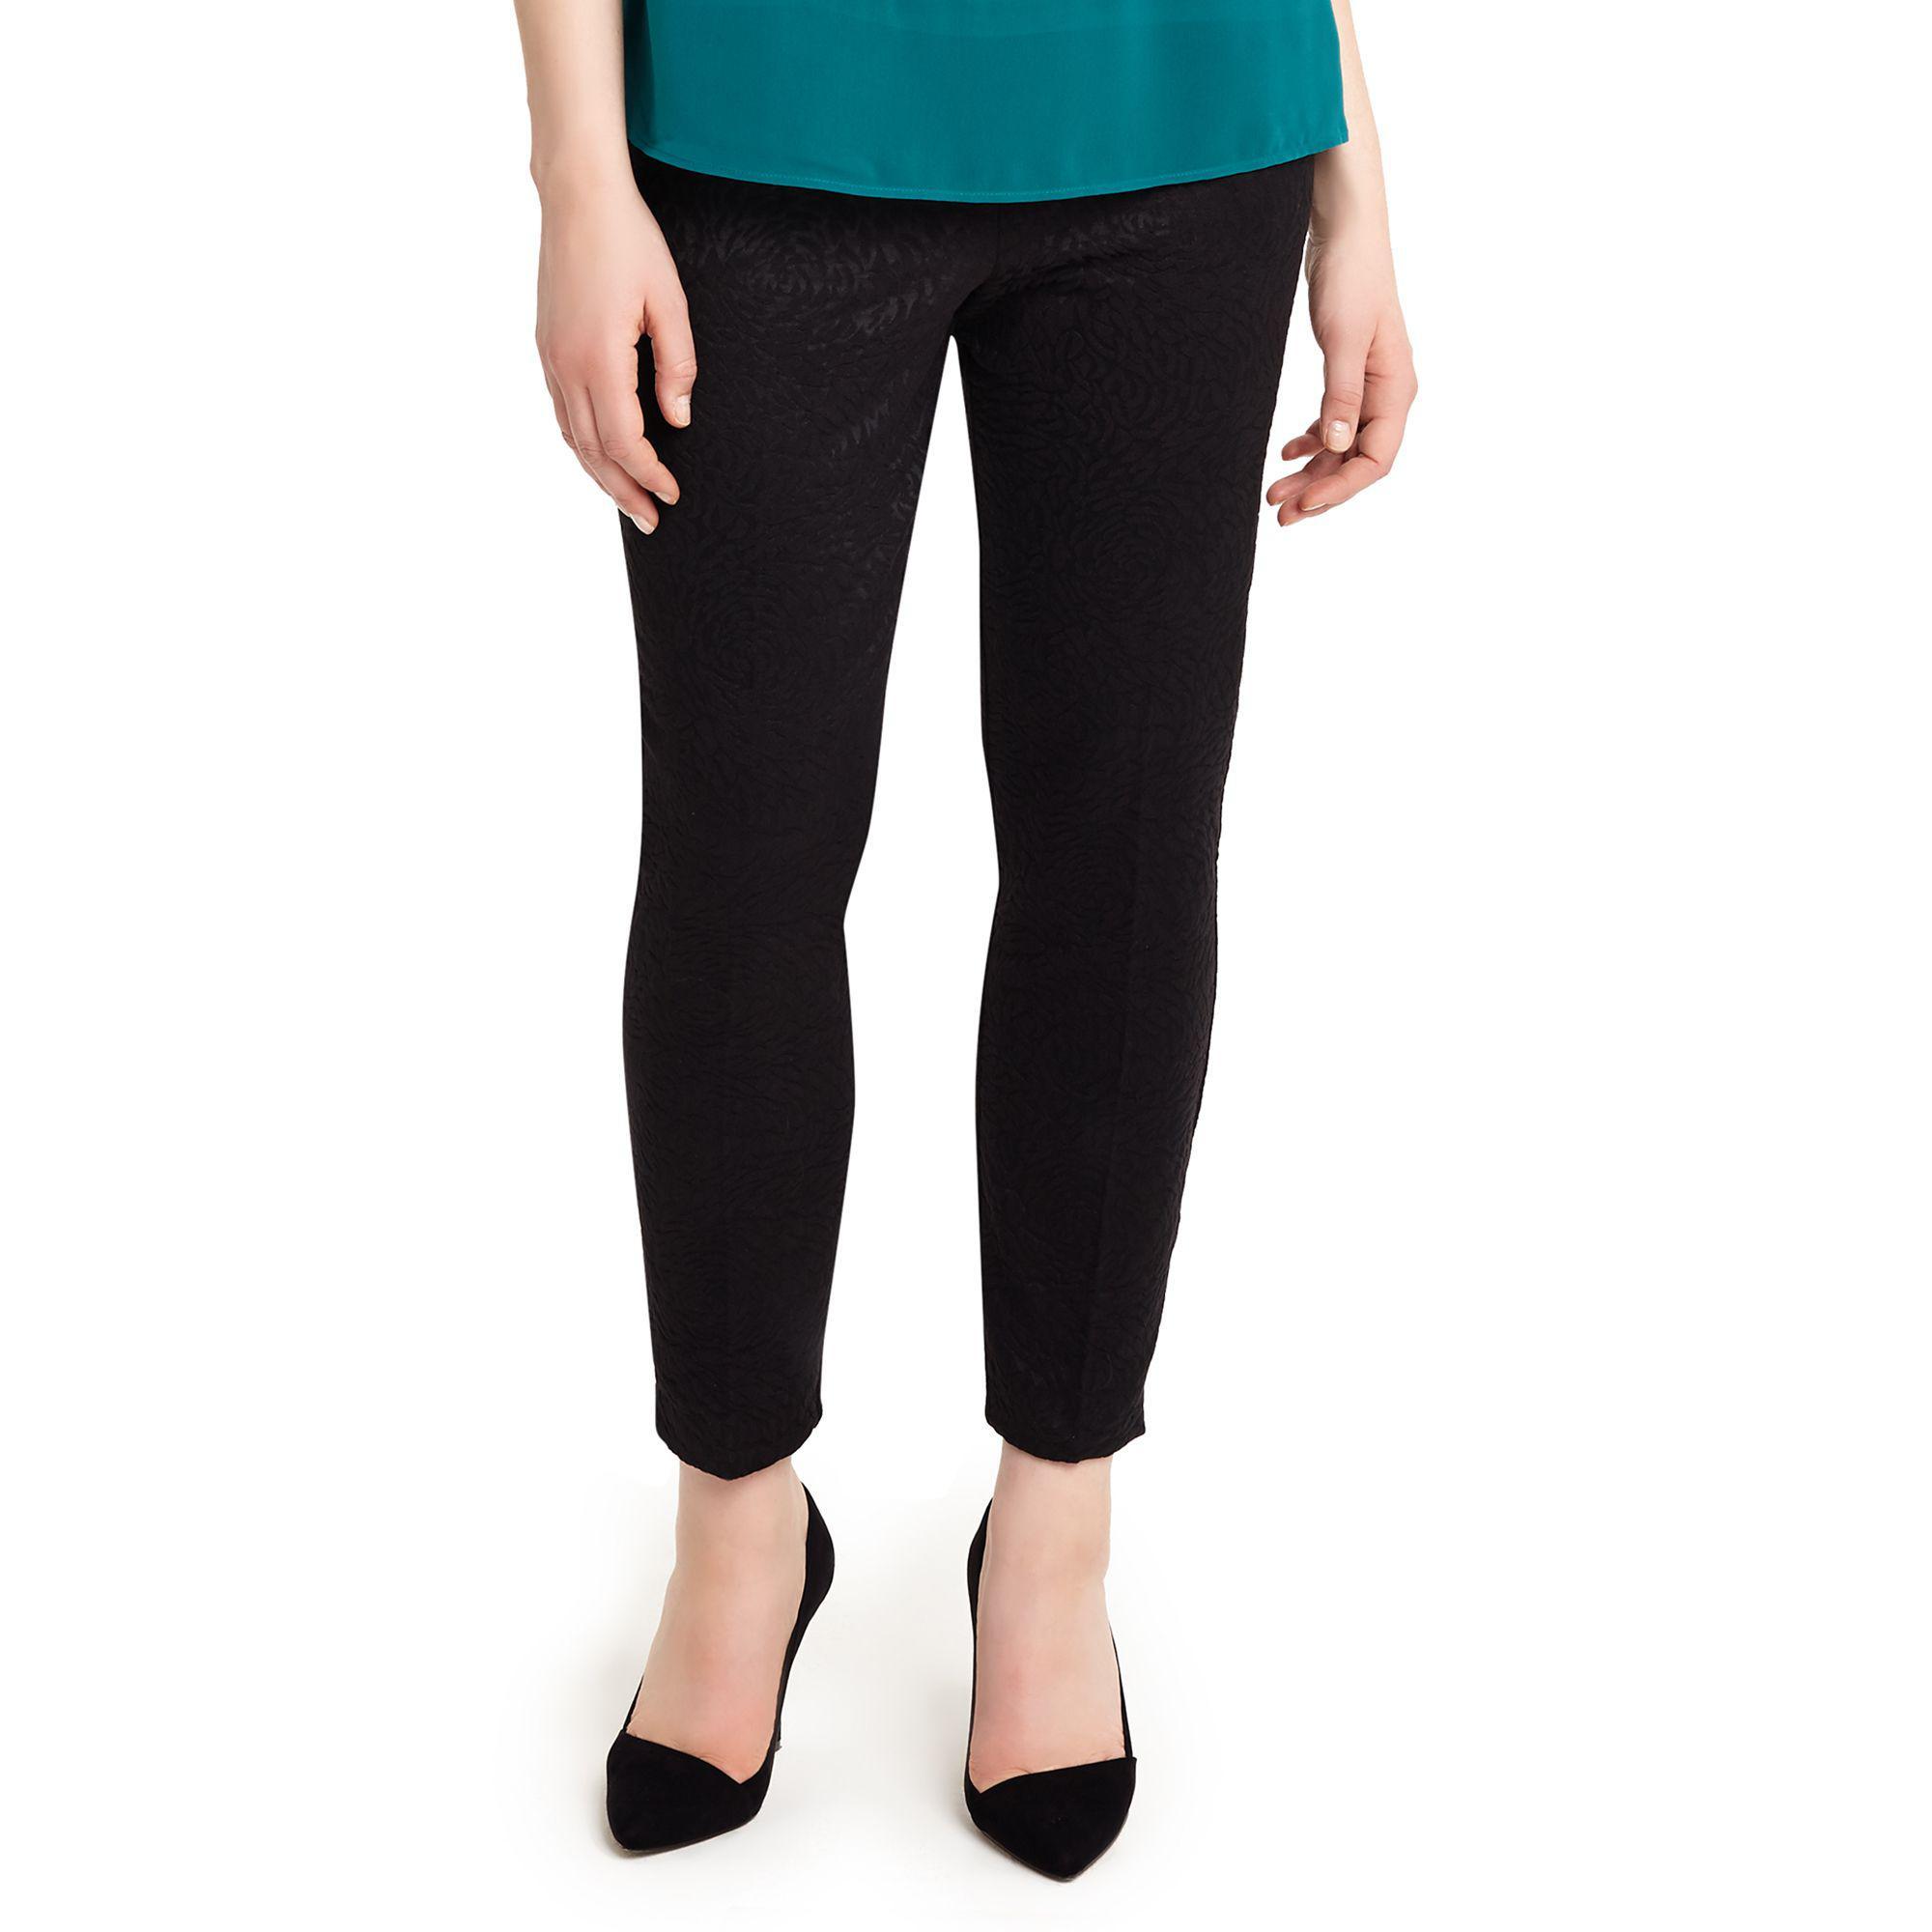 93fd370184865 Studio 8 Sizes 12-26 Black Tabby Trousers in Black - Lyst